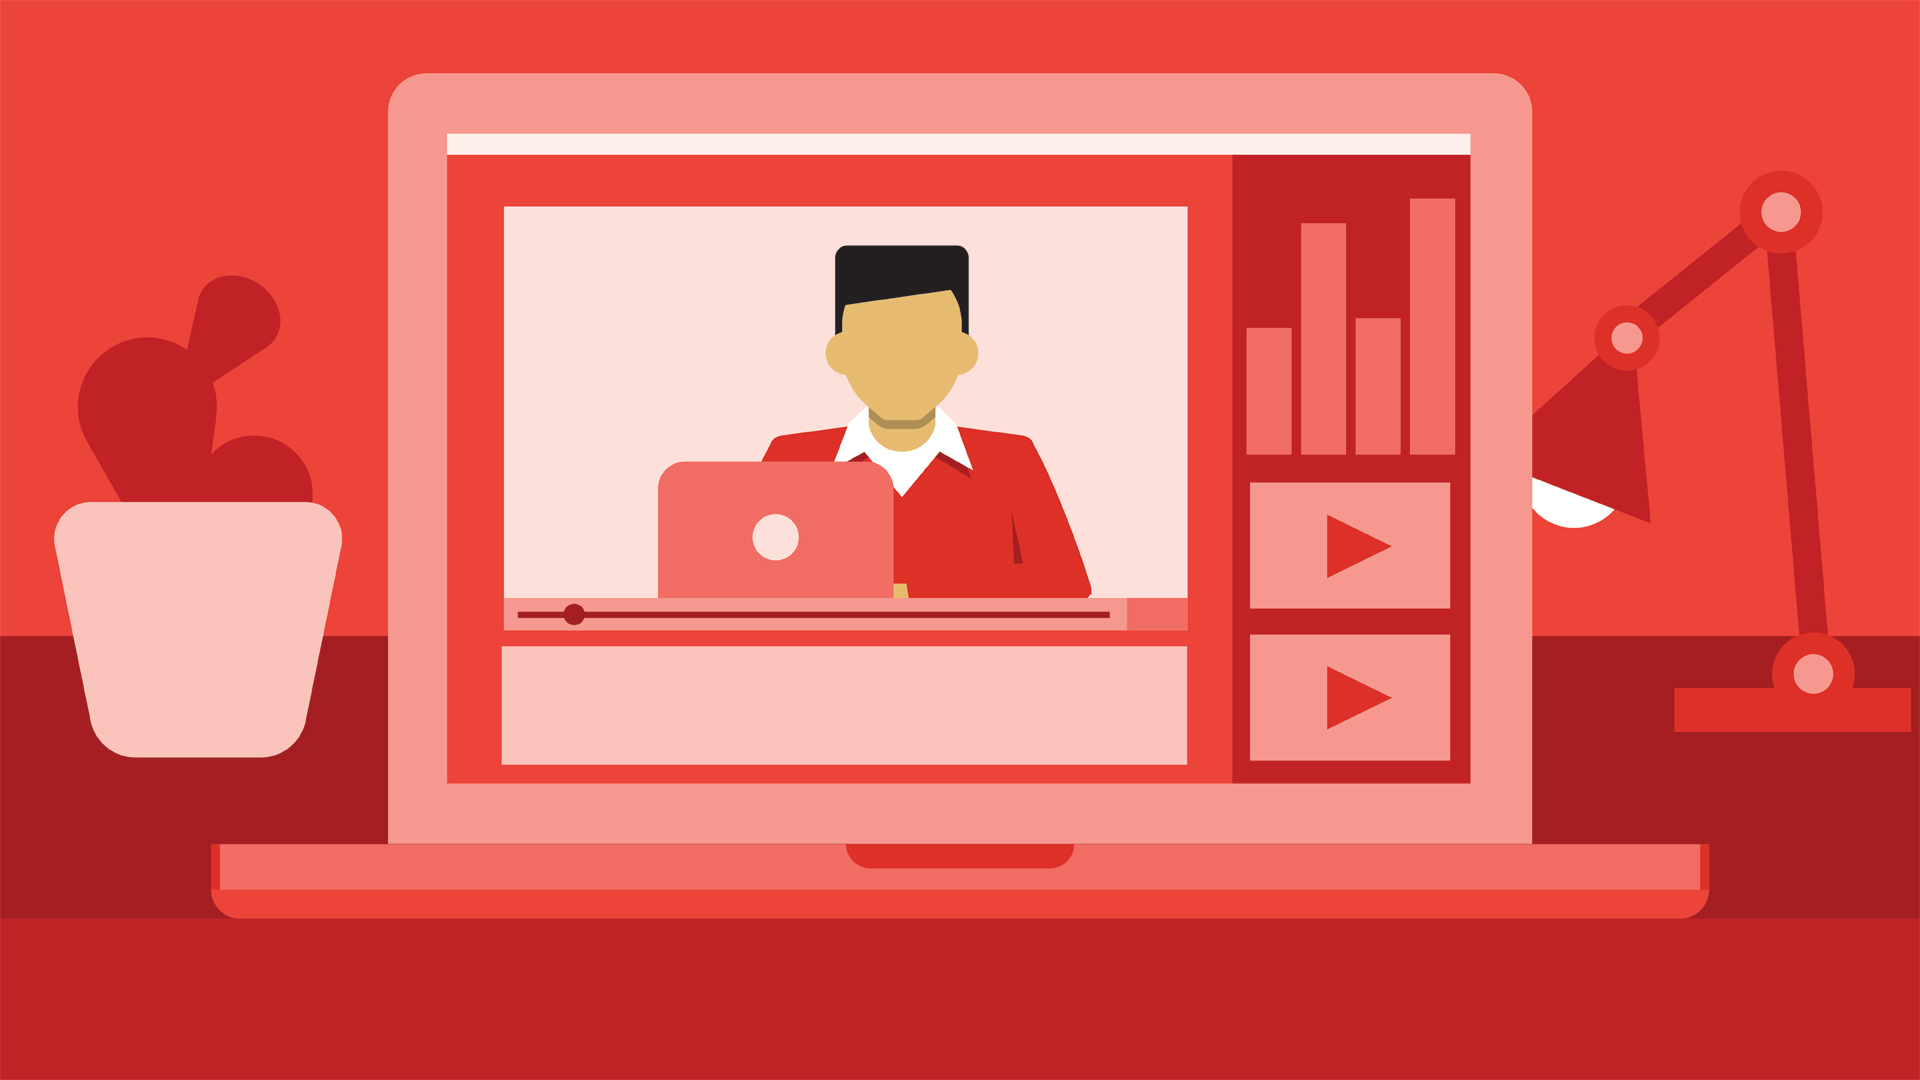 Một video trên Youtube có thể giúp bạn cải thiện SEO Google như thế nào?